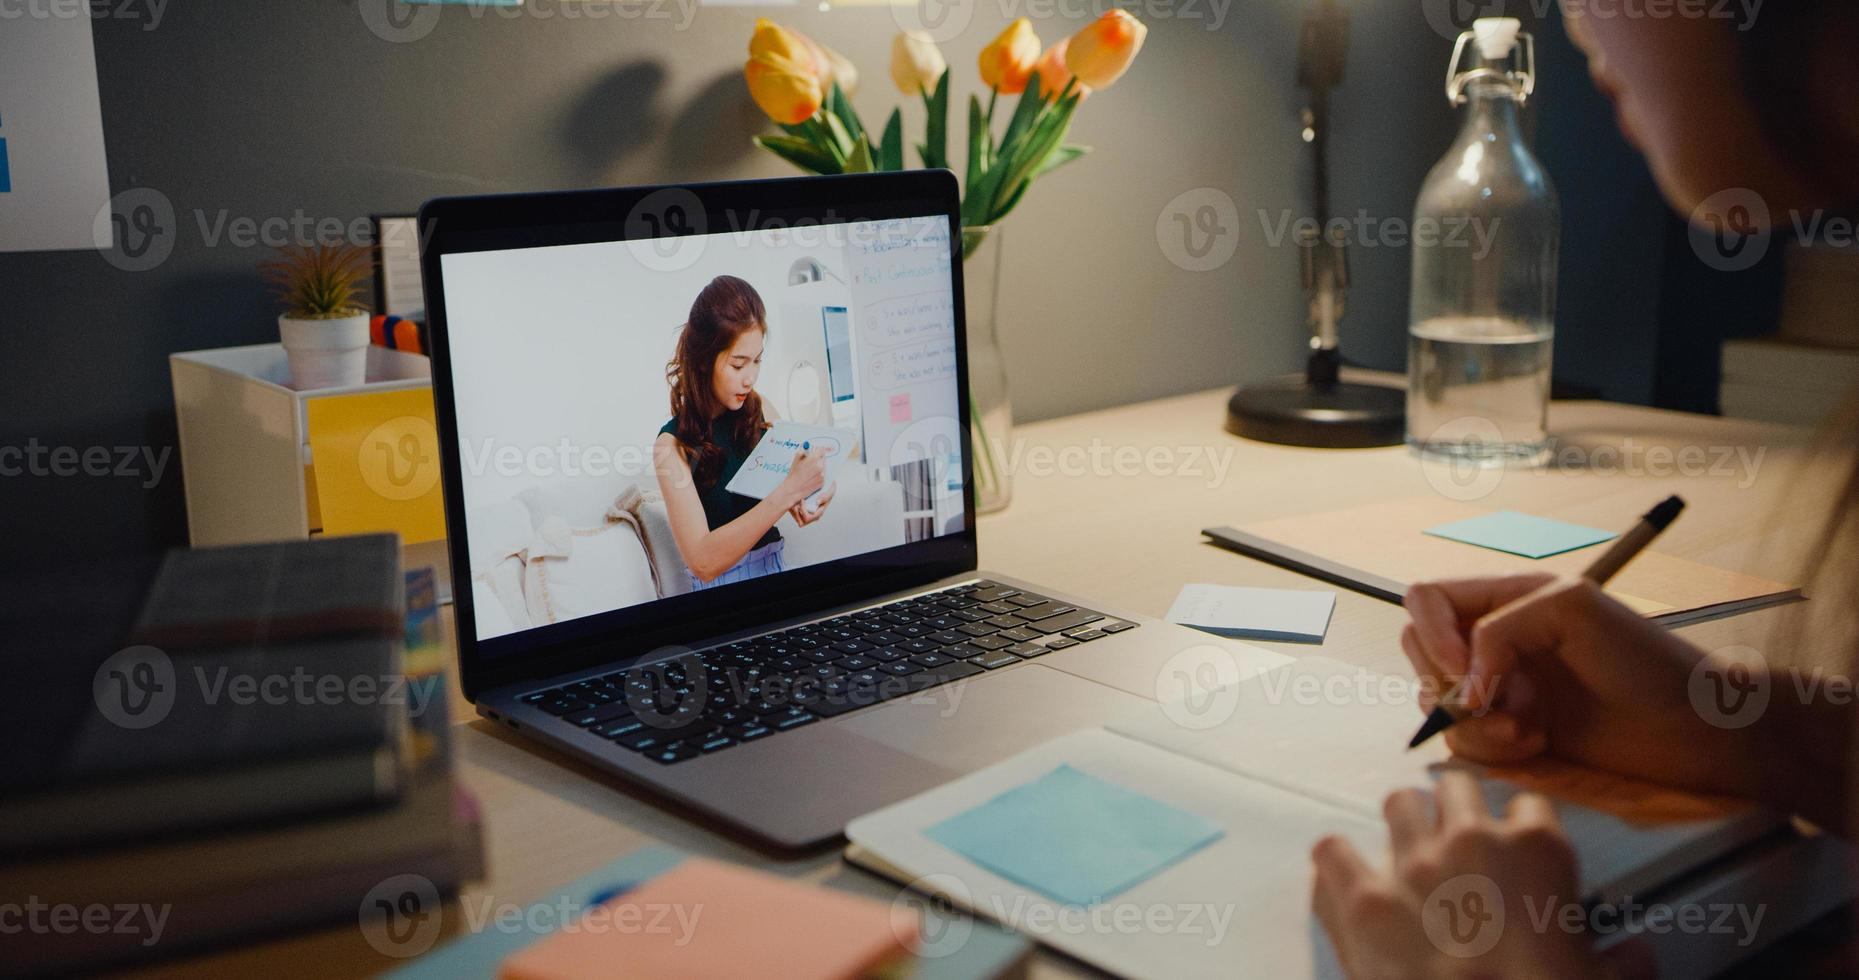 ung asien tonåring flicka student distansundervisning lektion med online -lärare och studera på bärbar skärm i vardagsrummet hemma natten. på distans, social distansering, karantän för förebyggande av corona -virus. foto